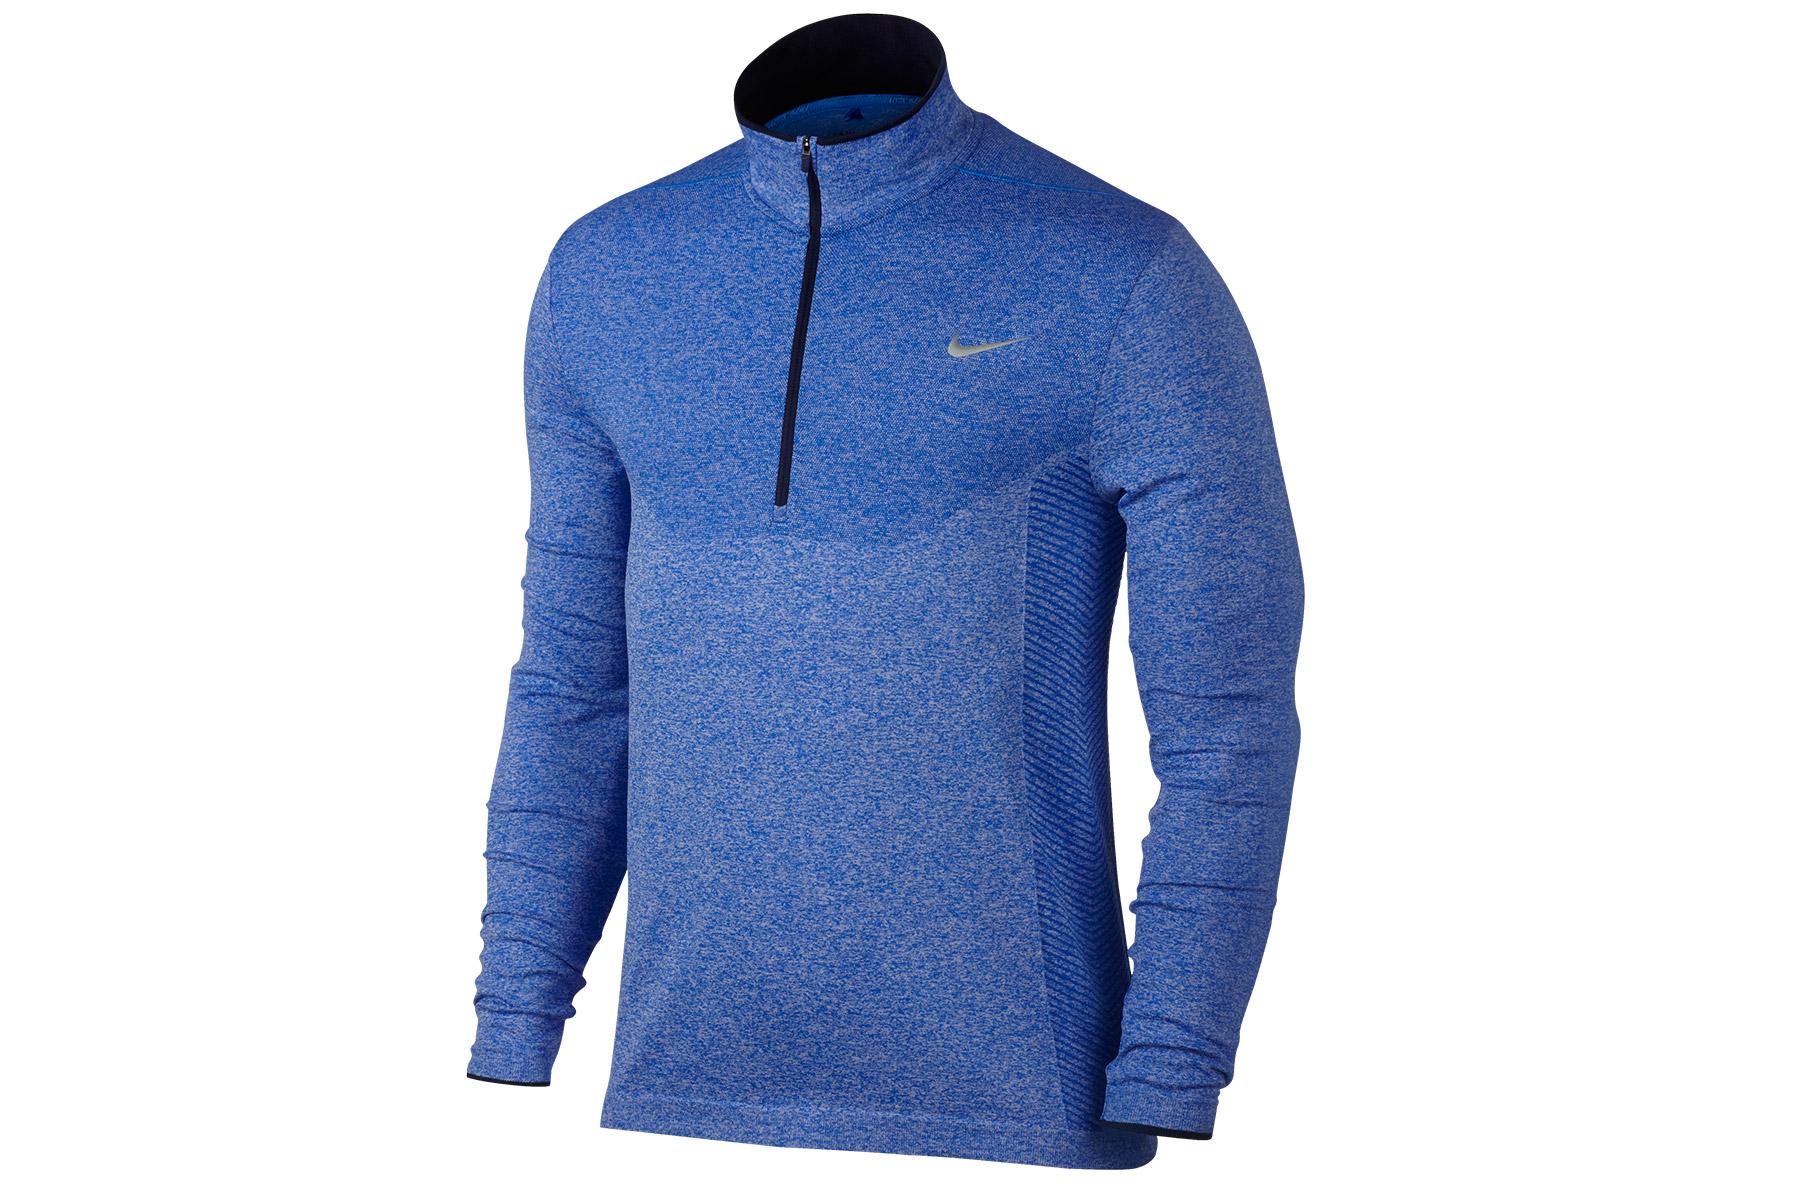 Nike Golf Dri-Fit Knit Zip Sweater Online Golf